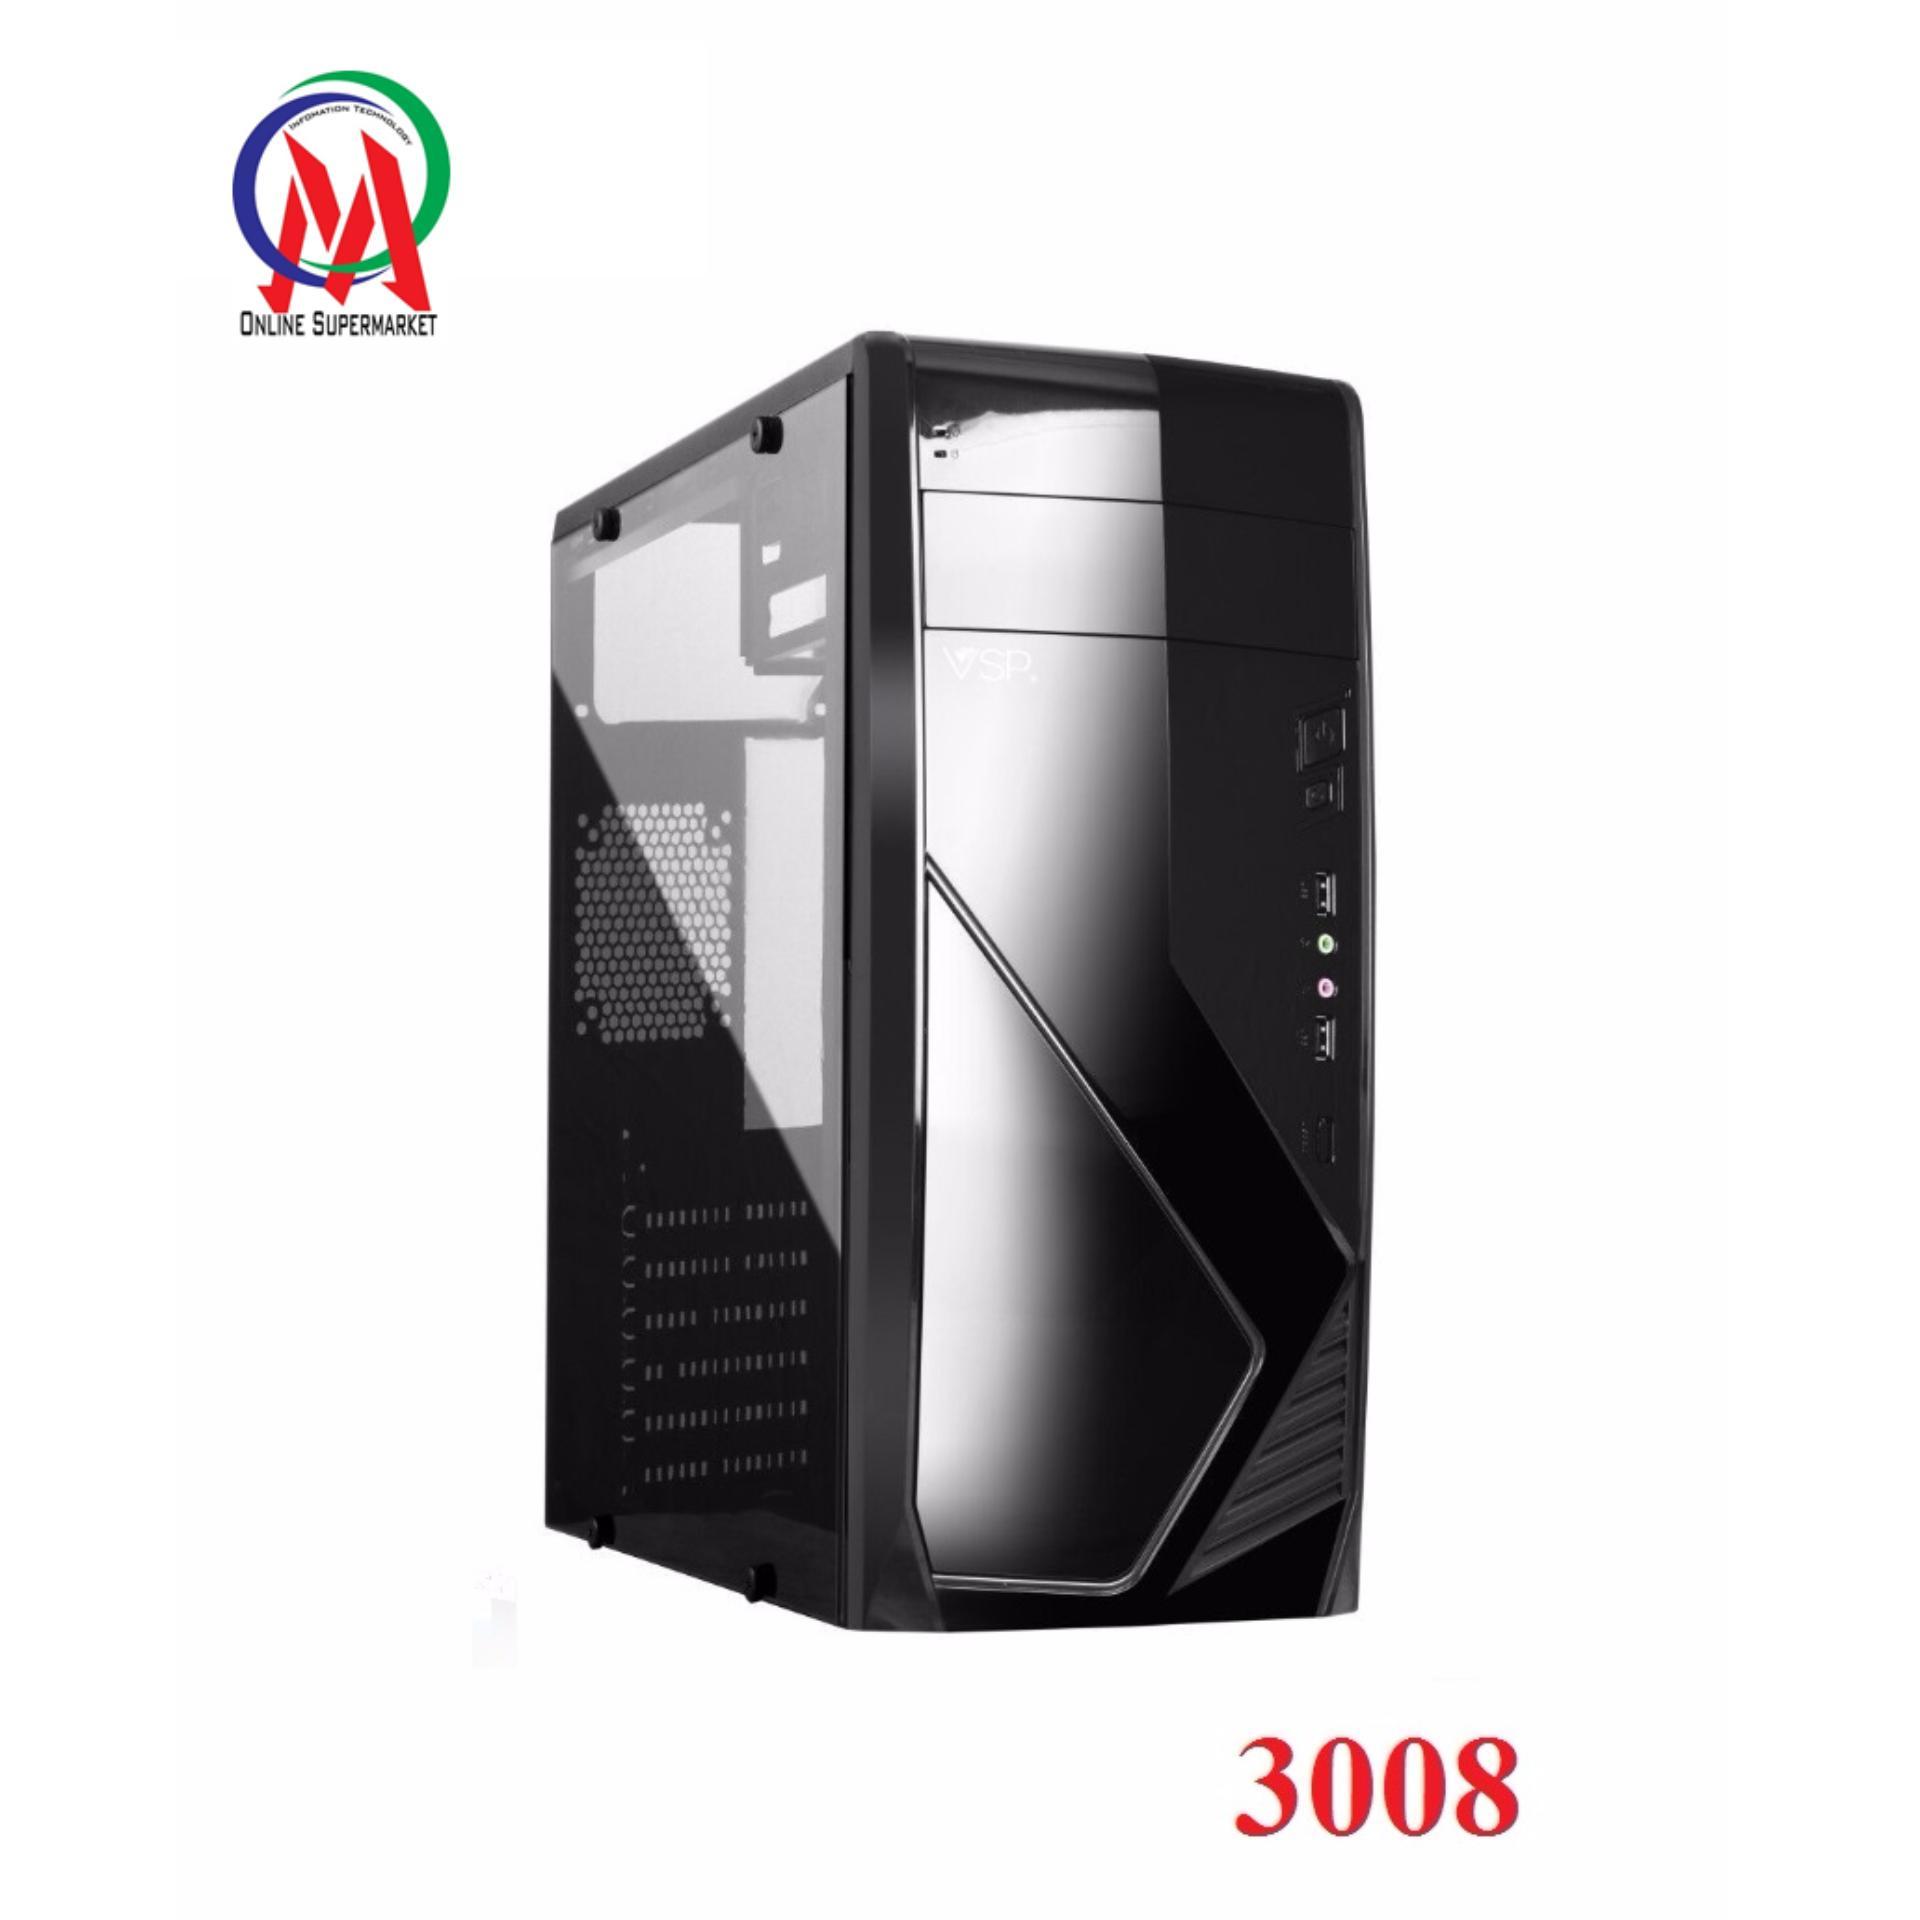 Đánh giá Vỏ Case máy tính VSP 3008 Full Kính bên hông trong suốt sơn tĩnh điện Tại IT-Onmart